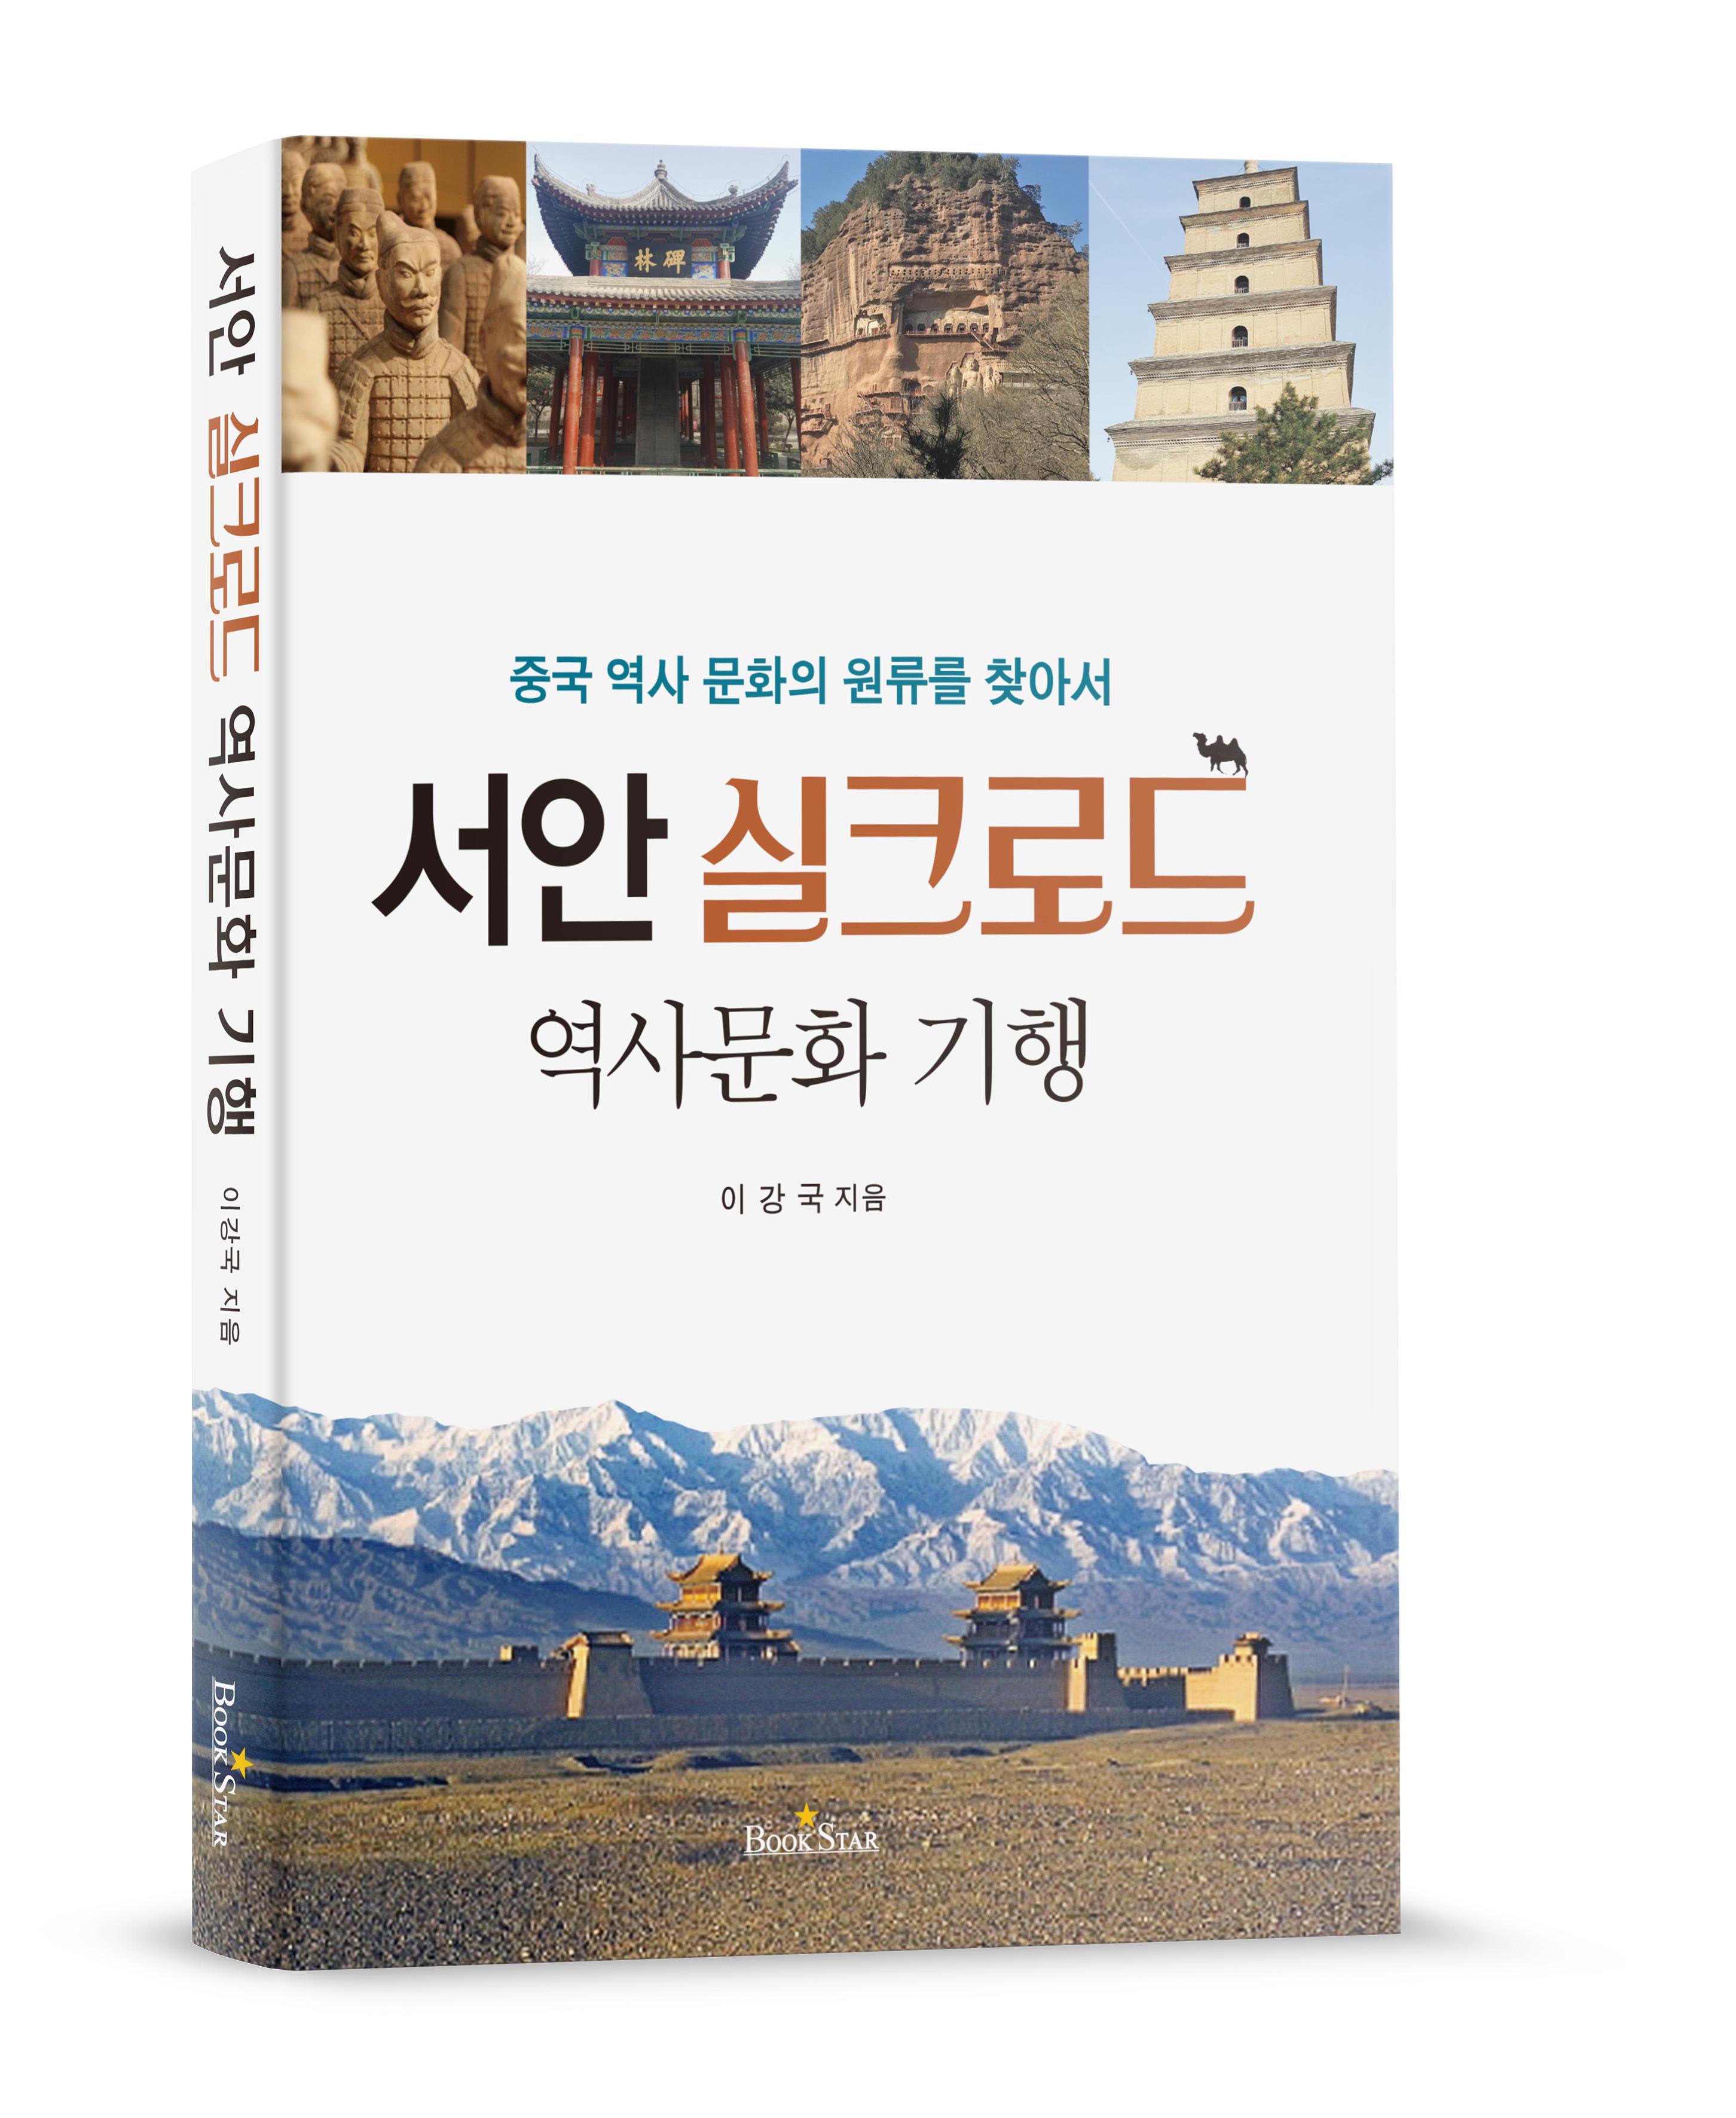 주중 외교관이 쓴 '서안 실크로드 역사문화 기행'